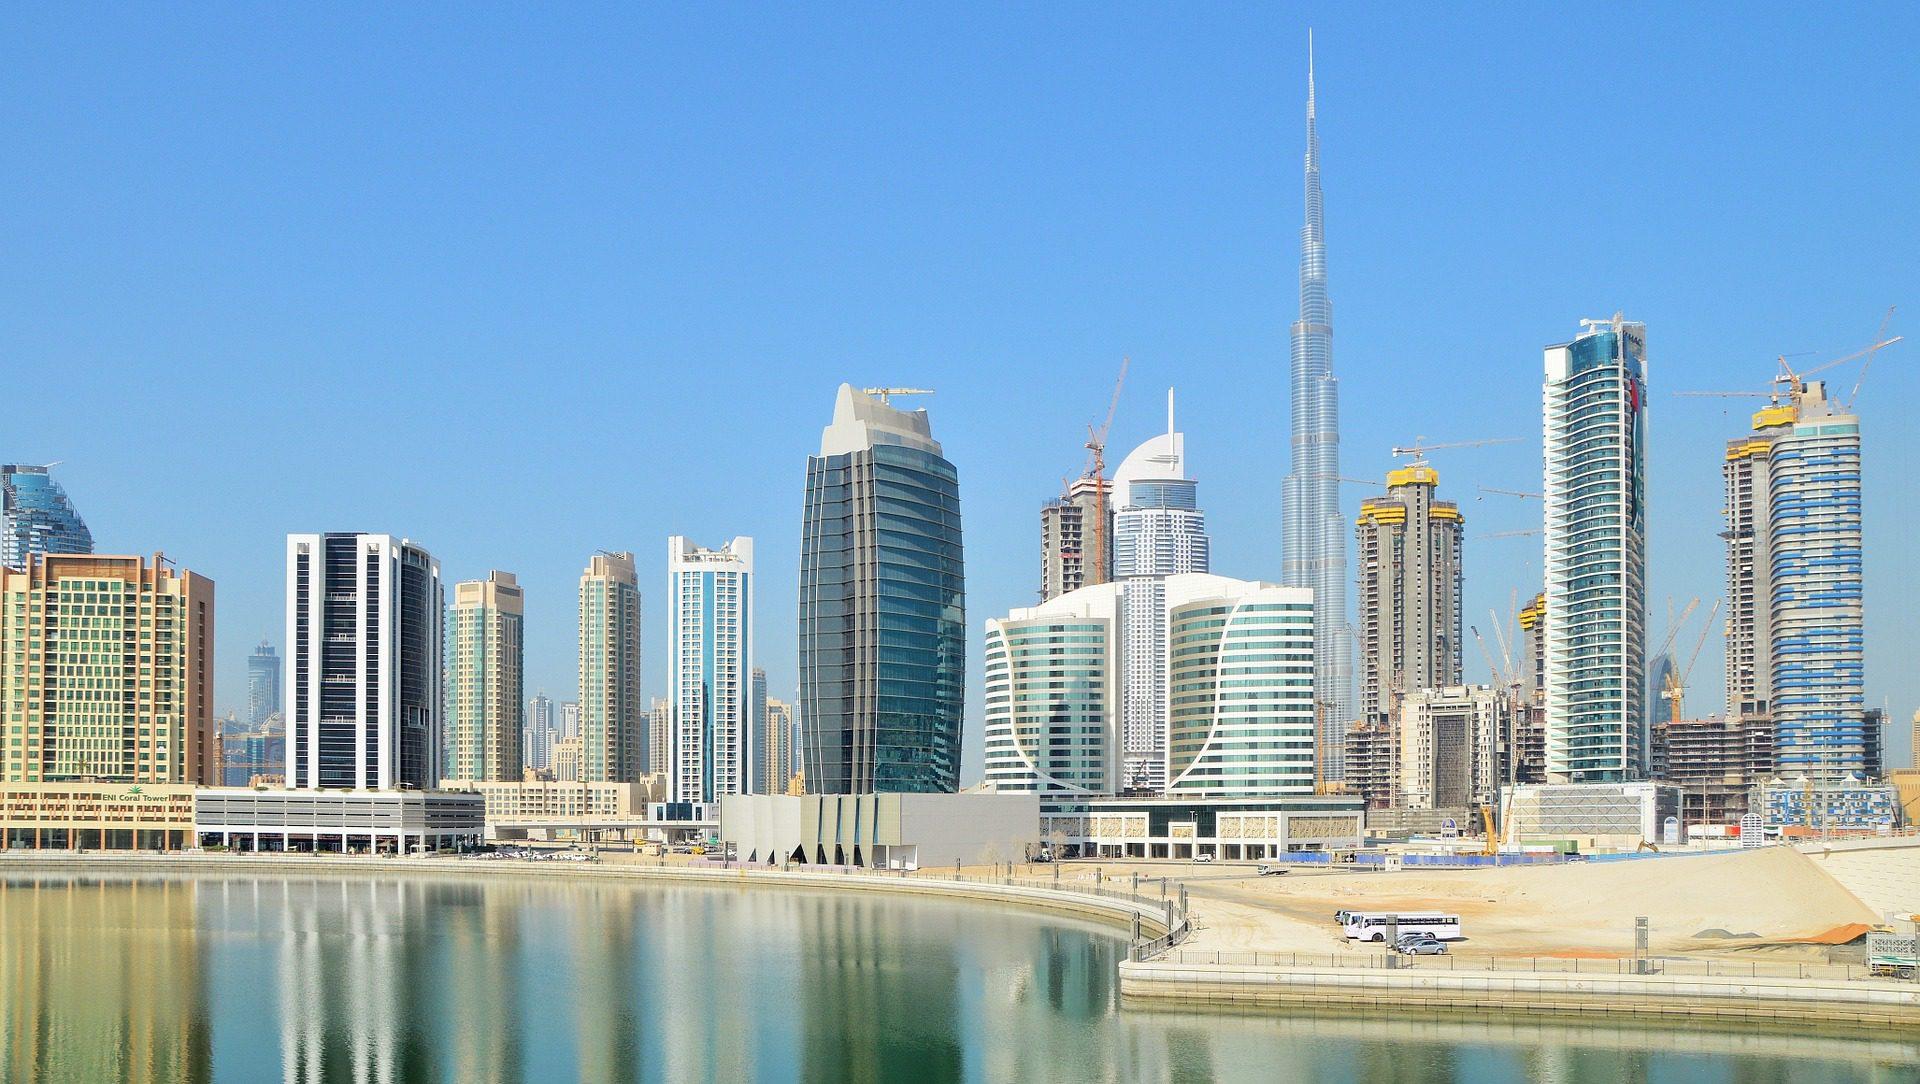 Dubai Skyline, UAE, Middle East